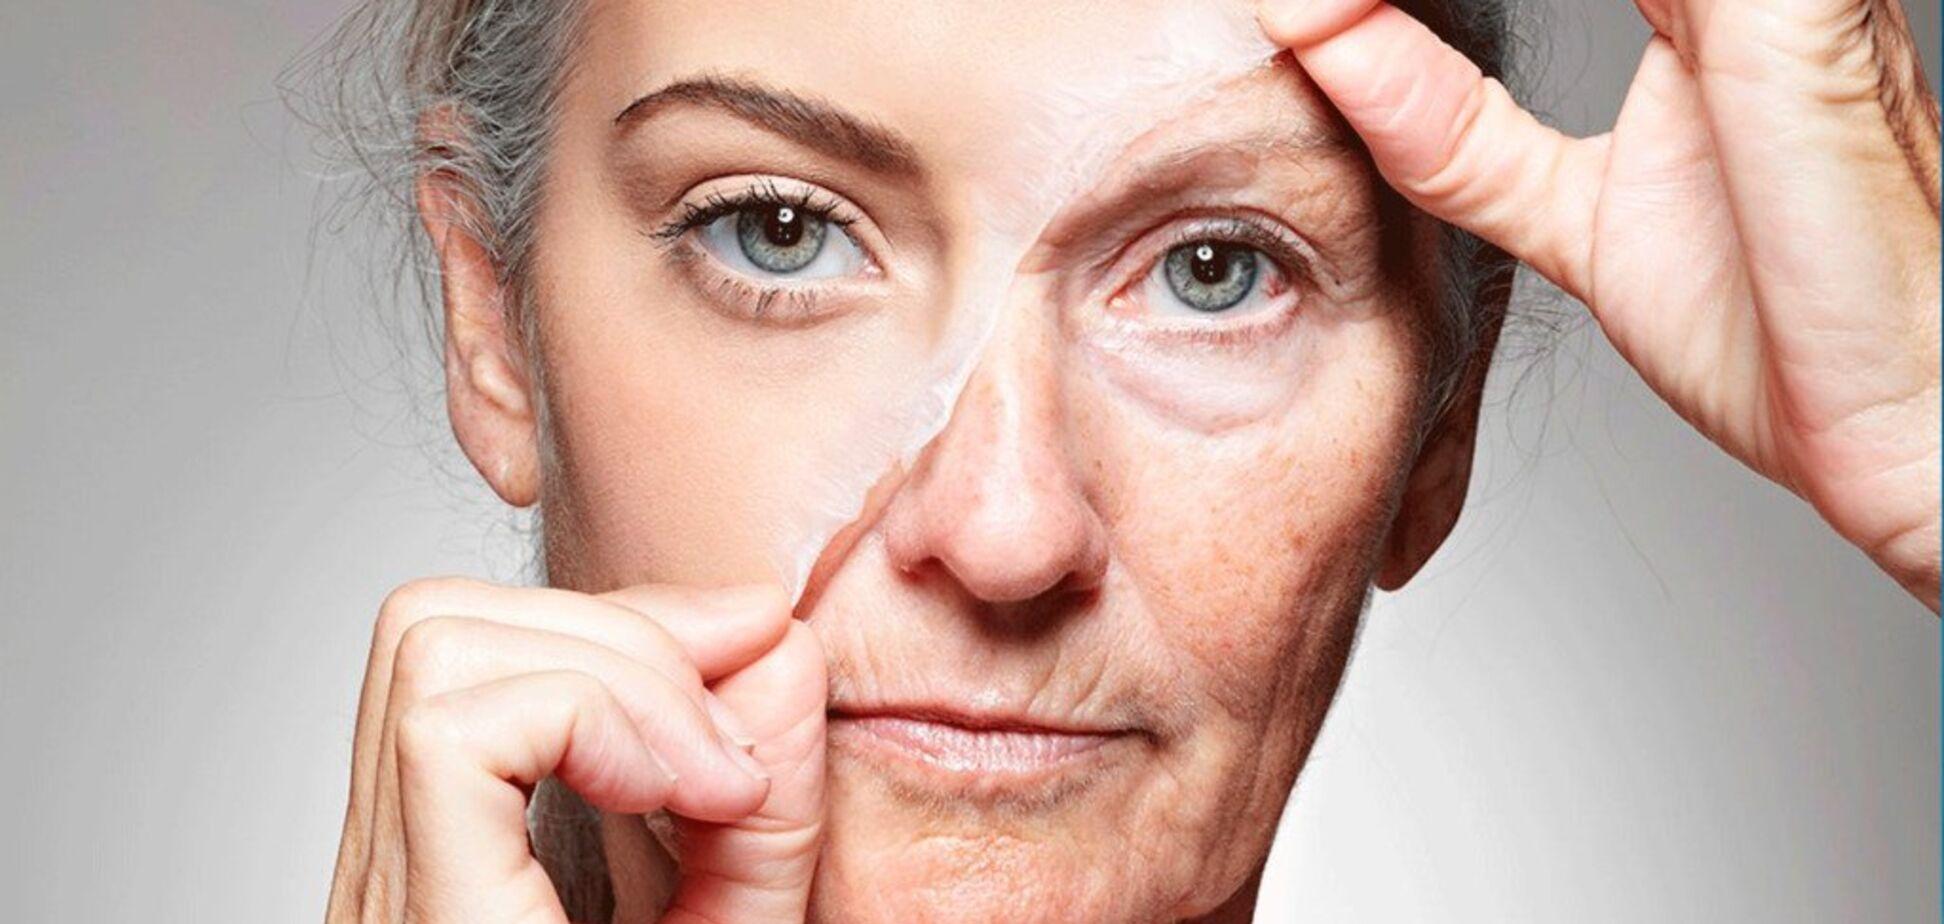 Дієтологиня назвала три основні причини раннього старіння